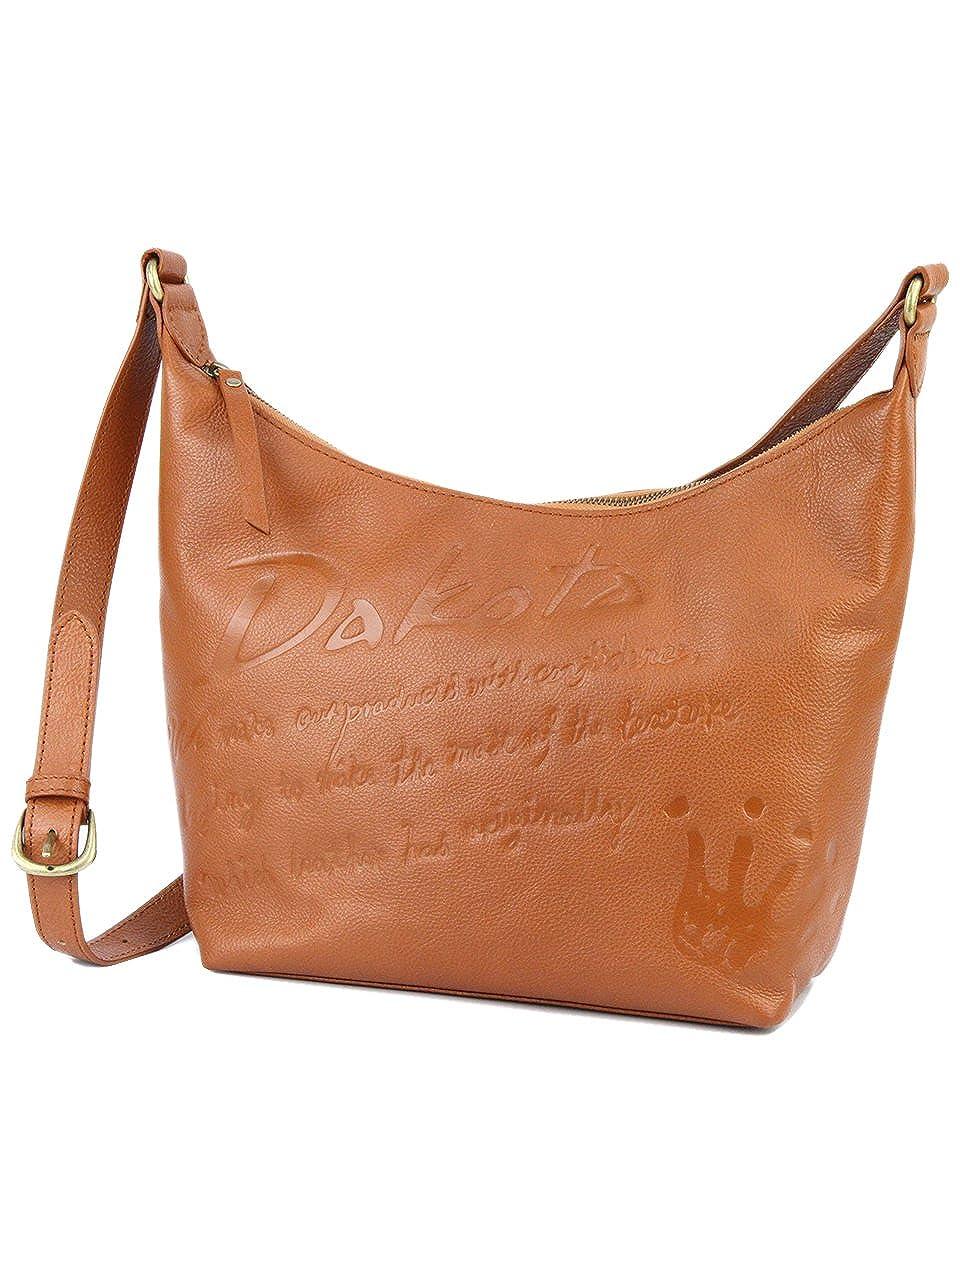 Amazon.co.jp: [ダコタ] Dakota ショルダーバッグ 1032433 (1031433) ネプチューンIIシリーズ オレンジ DA-1031433-34: シューズ&バッグ:通販